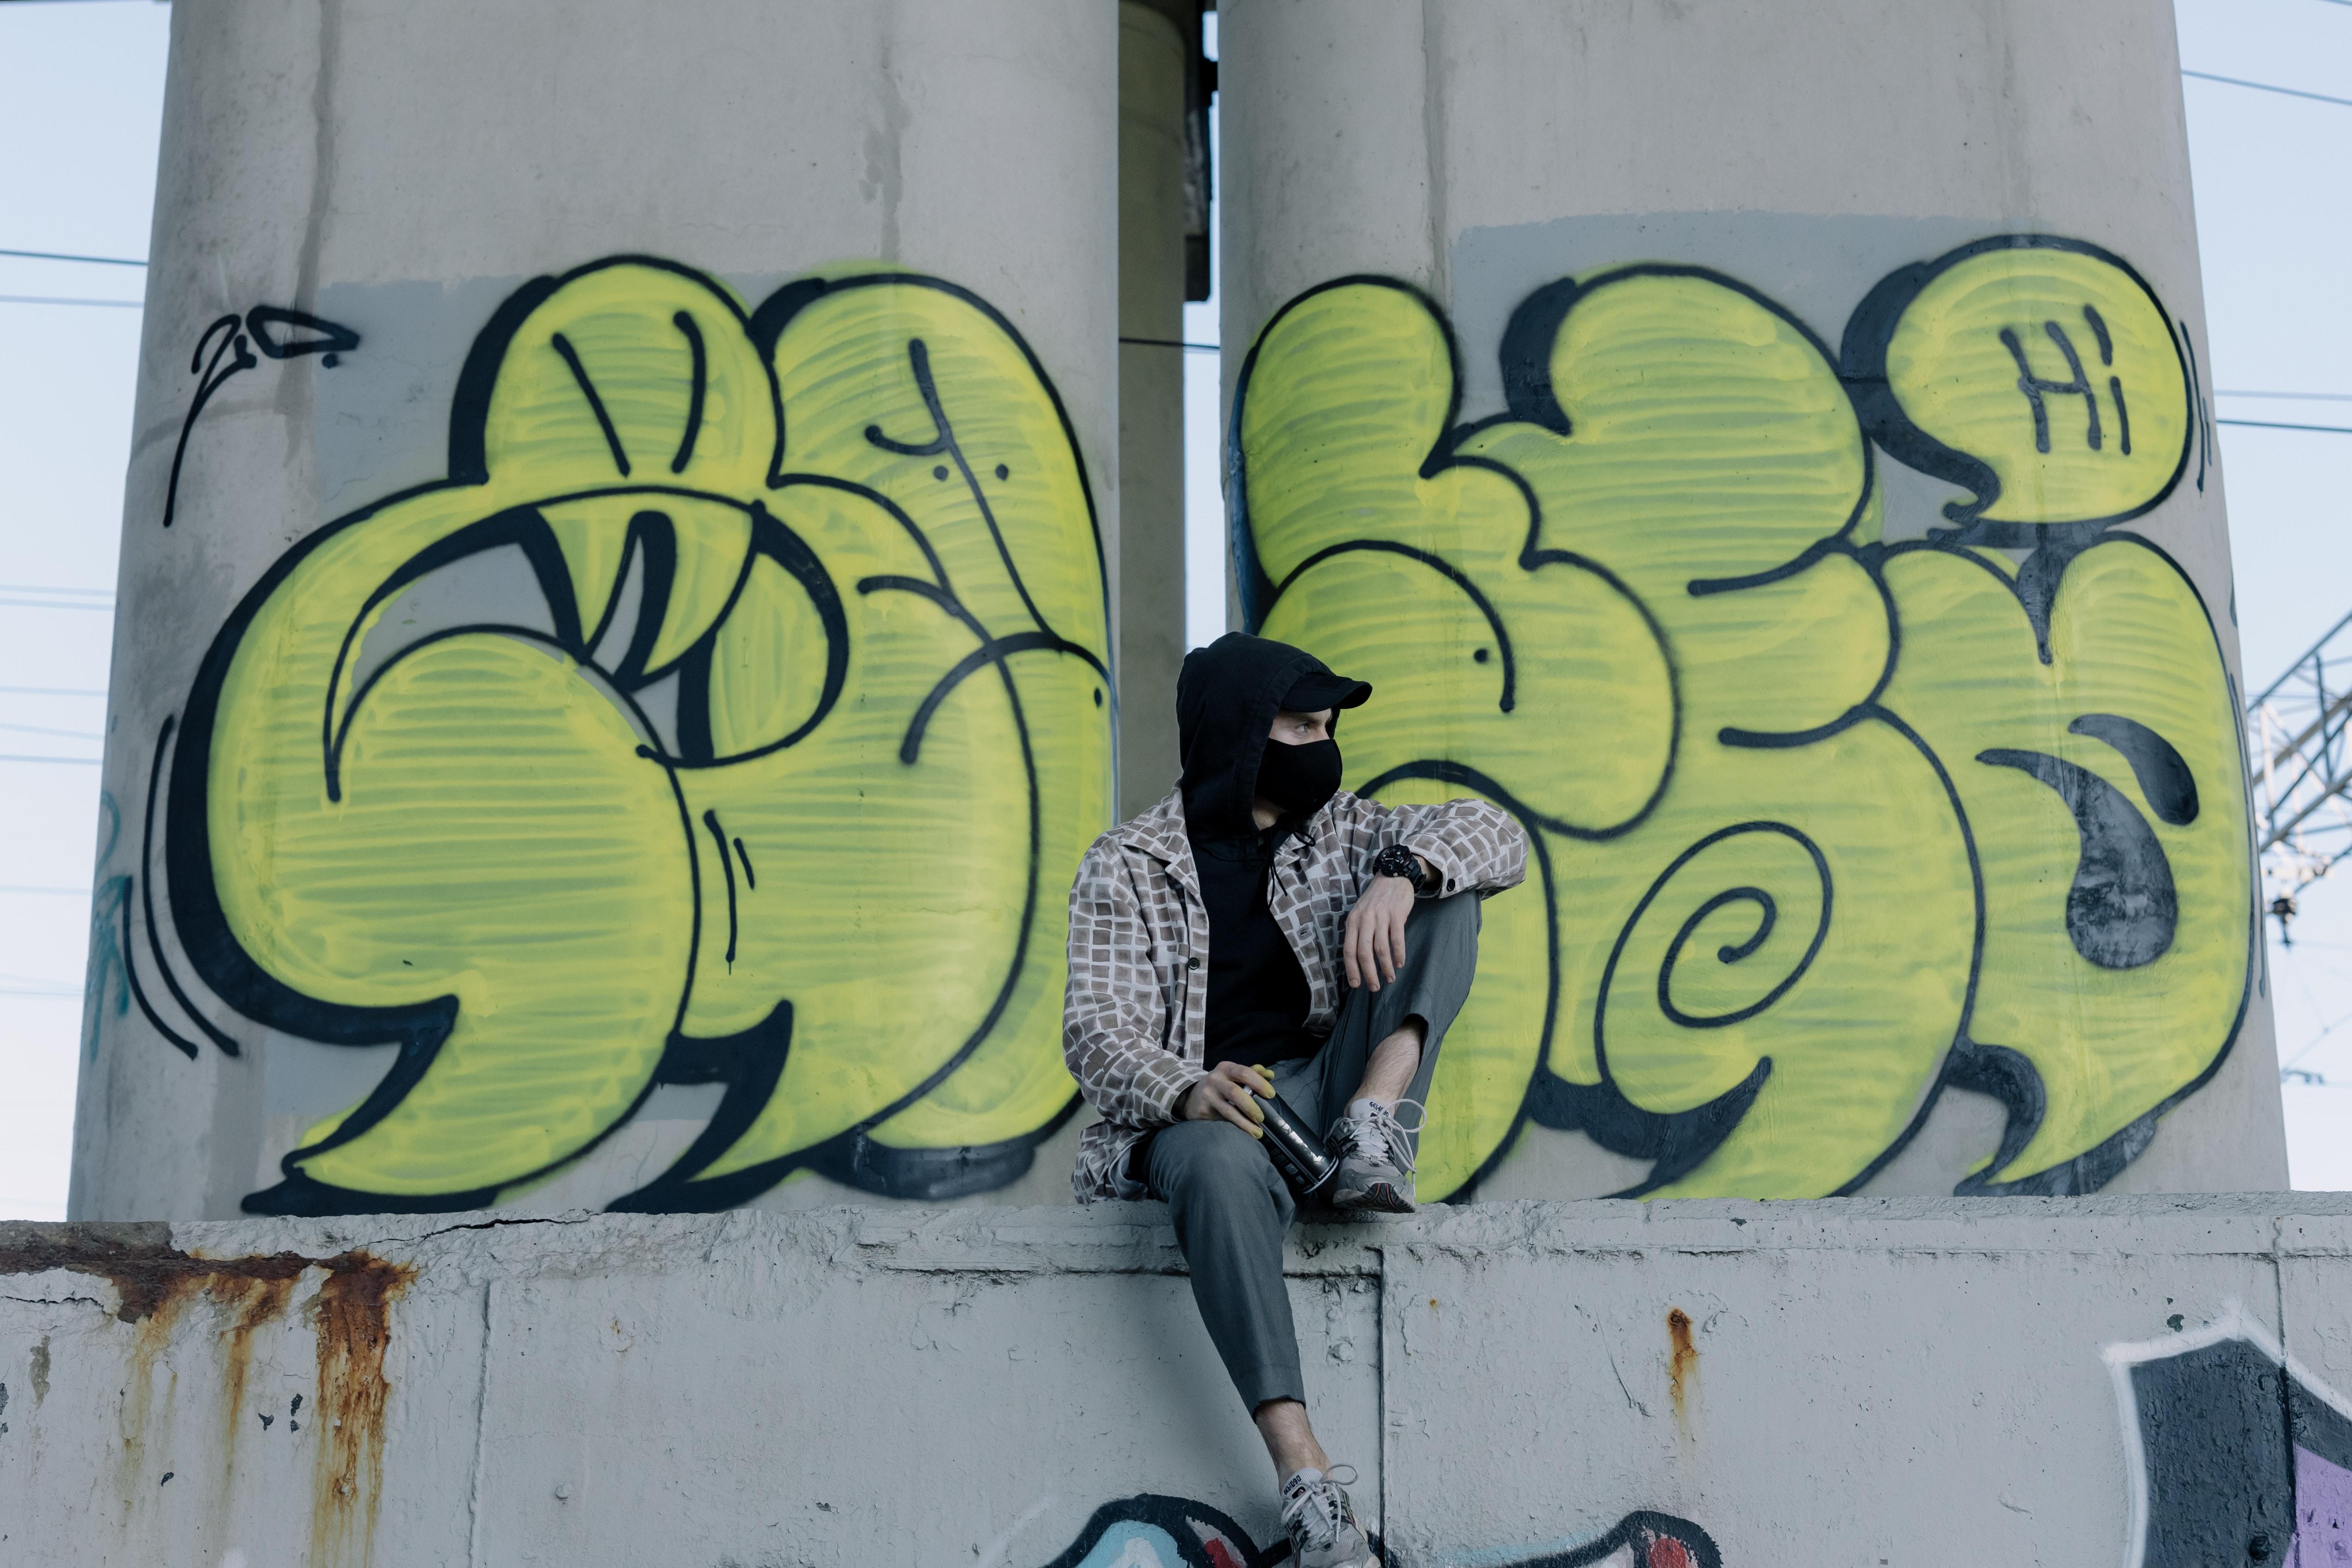 Hoe Werkt Graffiti Verwijderaar?